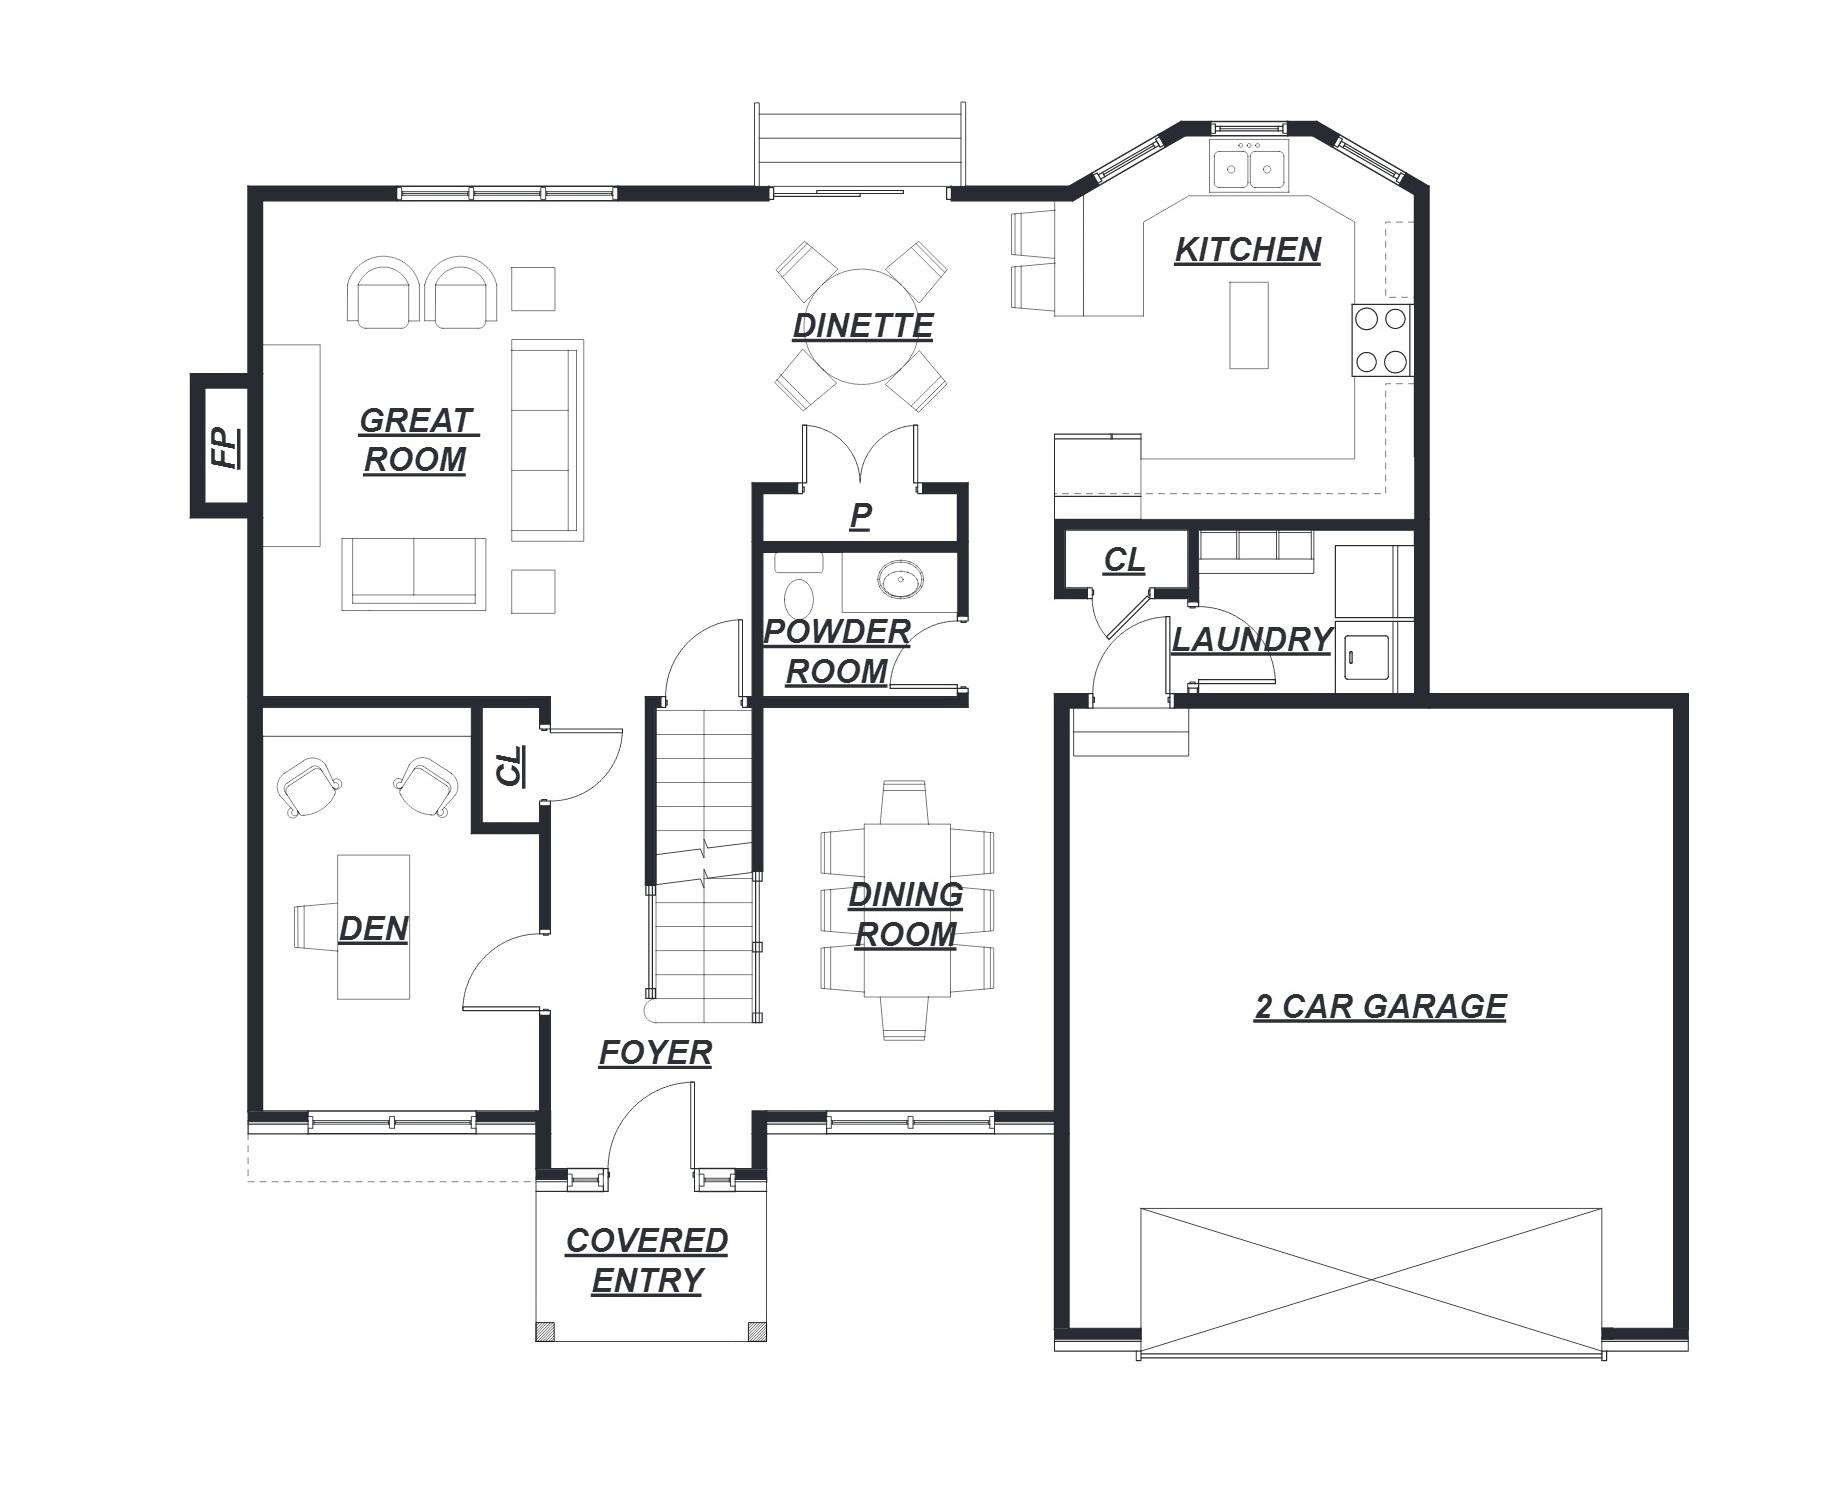 83 Avalon Meadows  Floor Plan